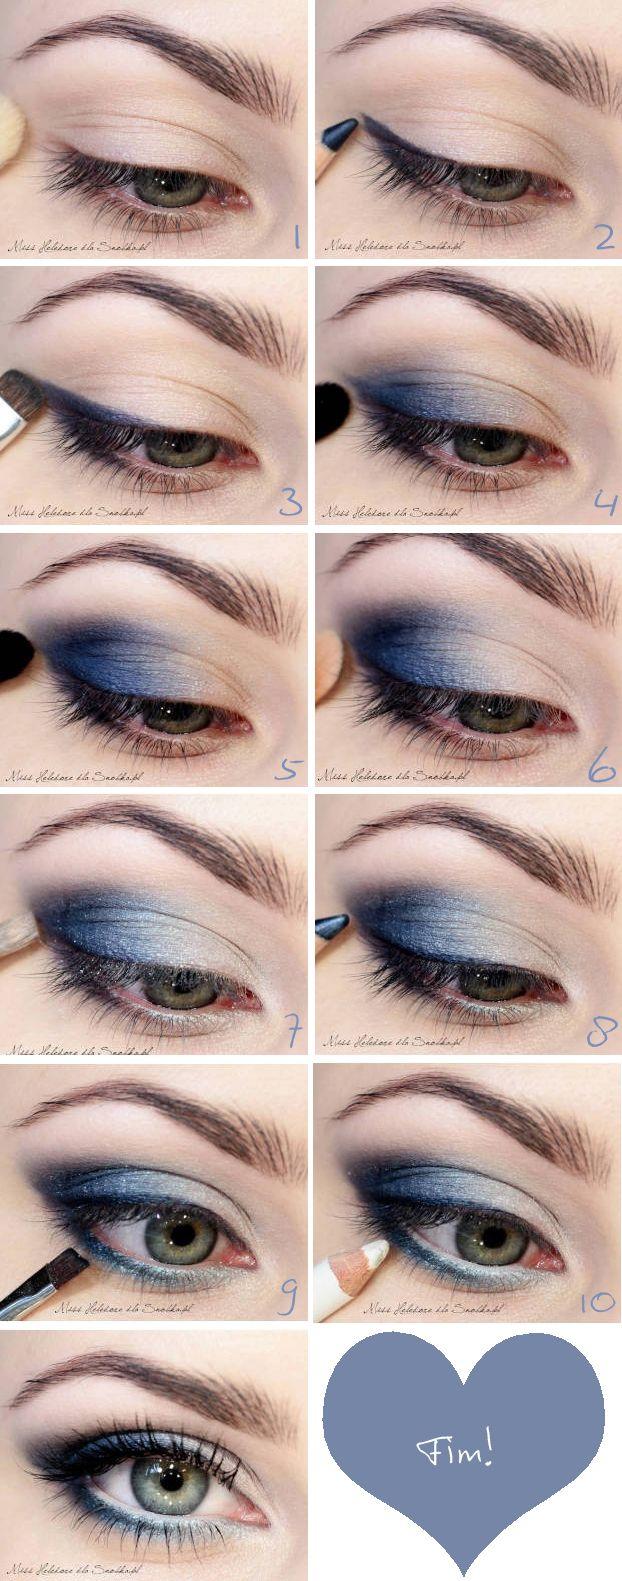 Gosta da cor azul? então vai esse tutorial com maquiagem azul. Um arraso!